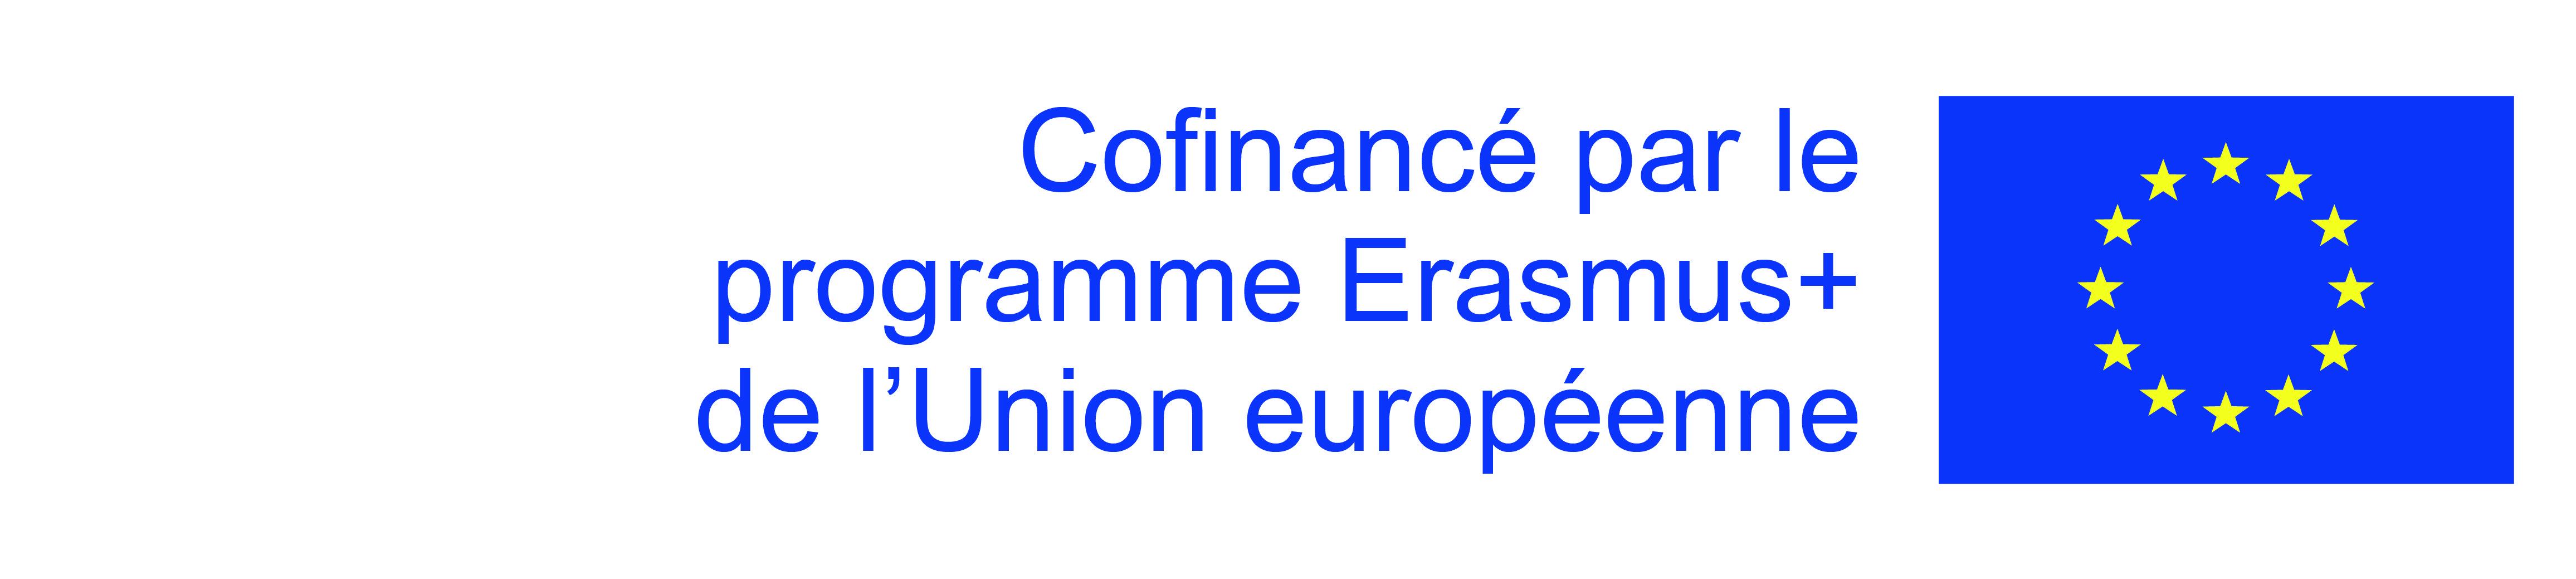 logosbeneficaireserasmusleft_fr.jpg